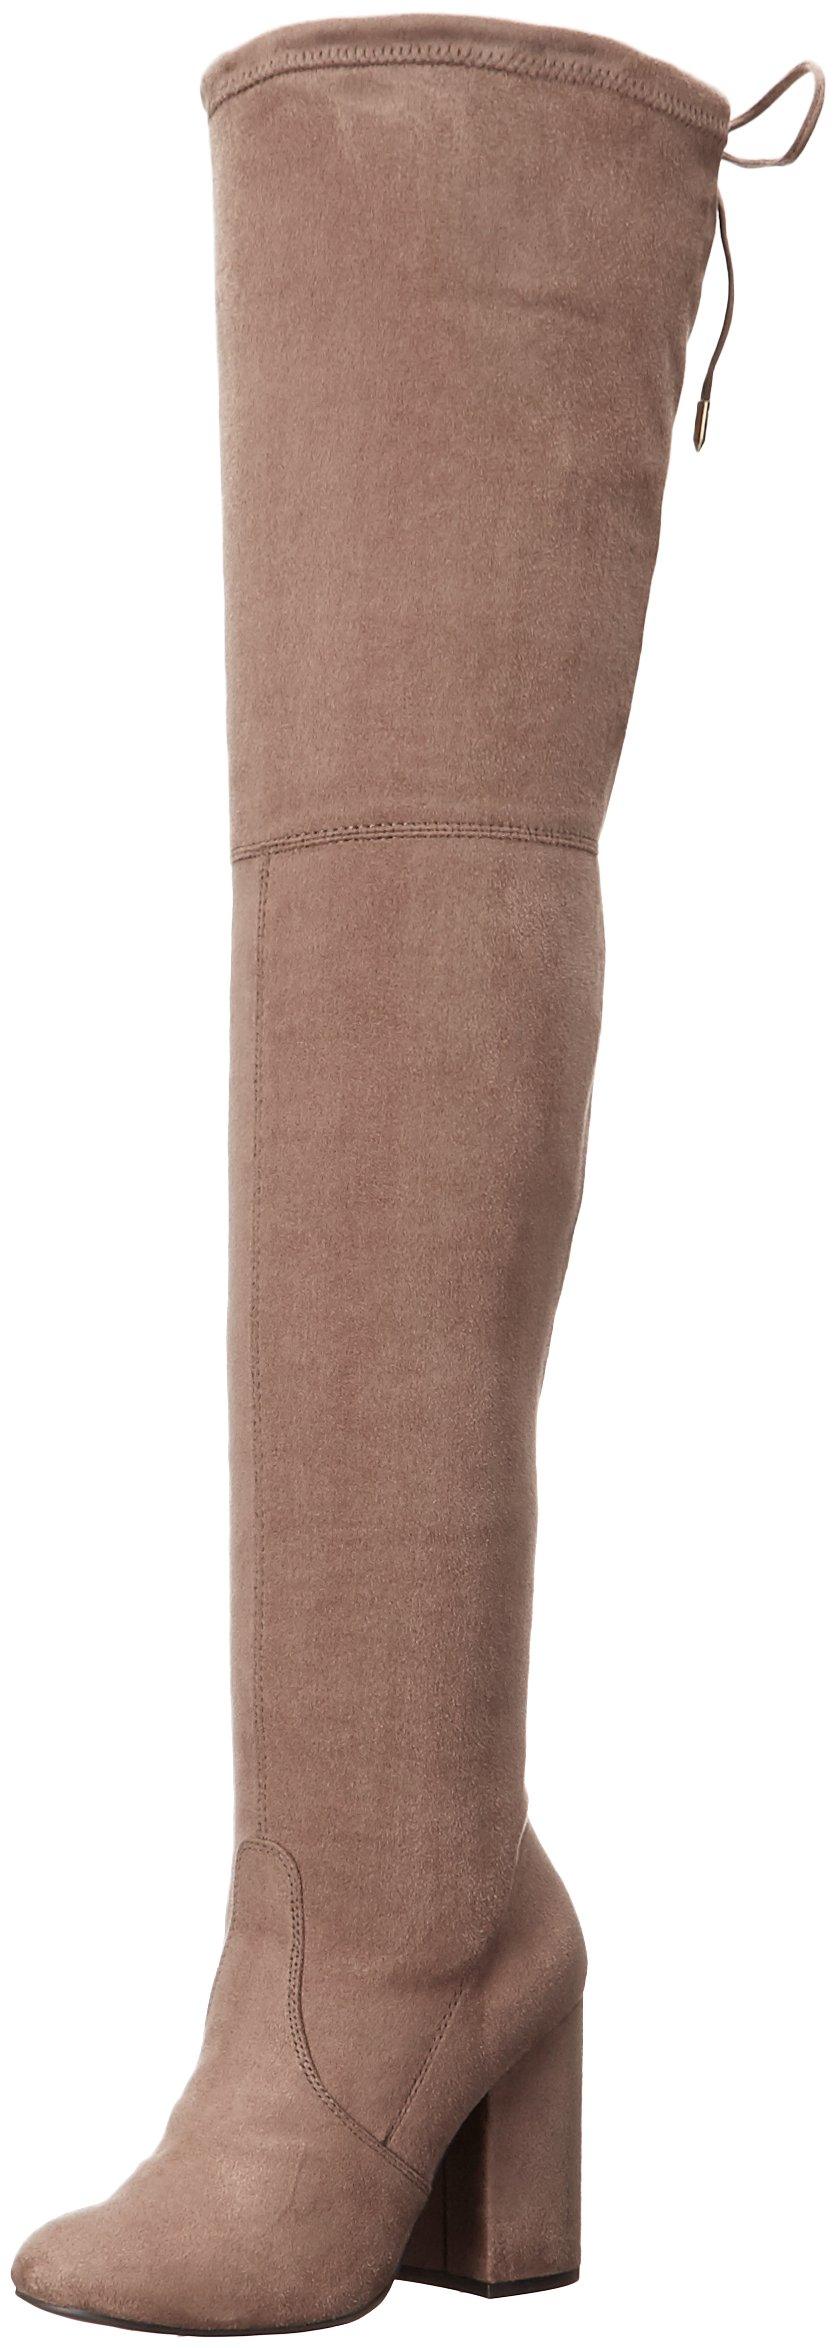 Steve Madden Women's Norri Harness Boot, Taupe, 6.5 M US